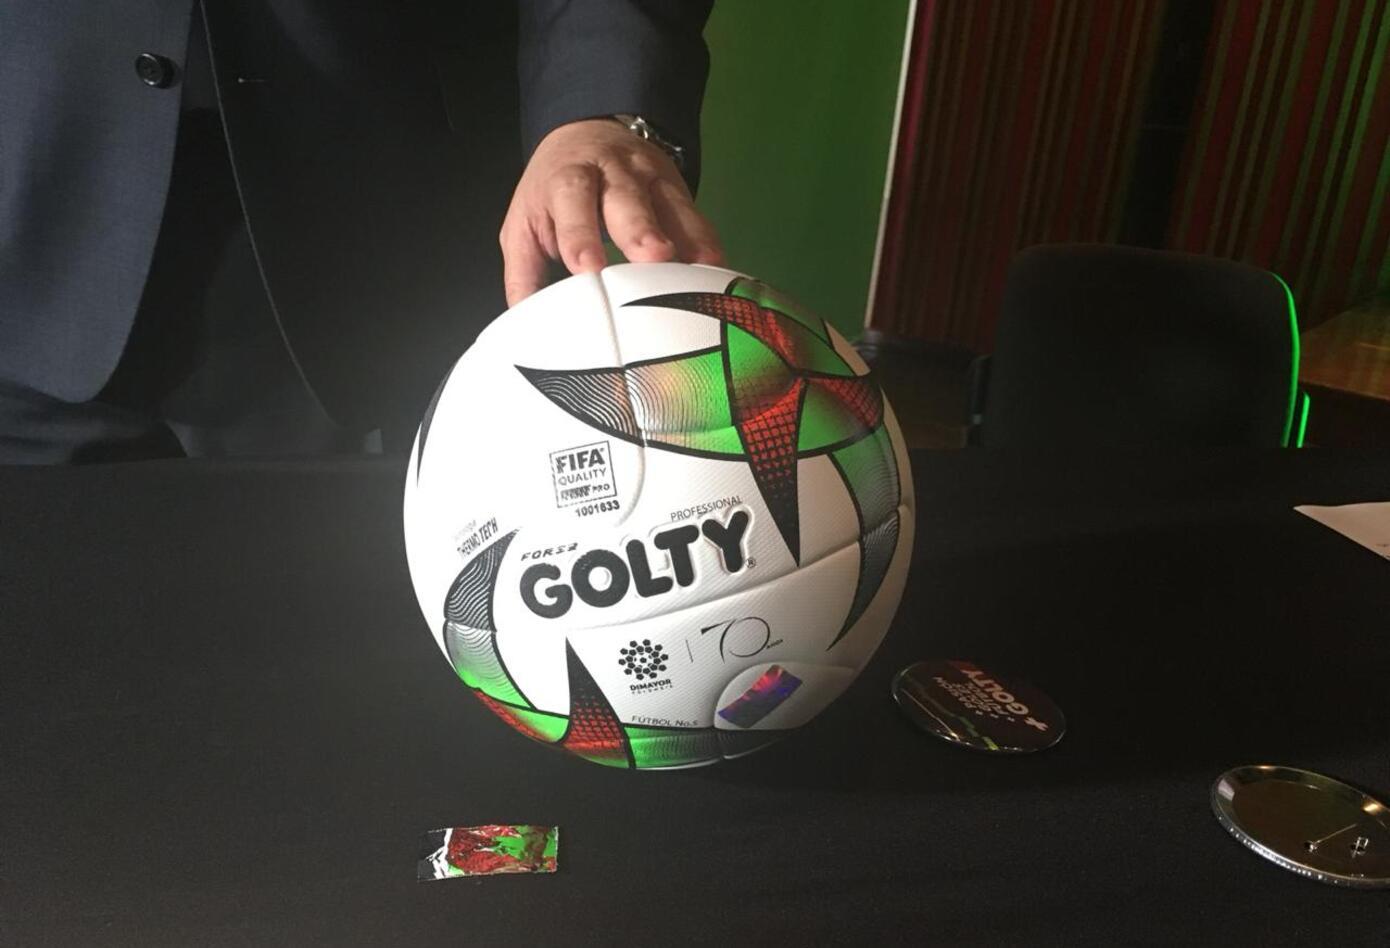 El balón Golty para la temporada 2019 en el fútbol profesional colombiano 3e0667f40e79e